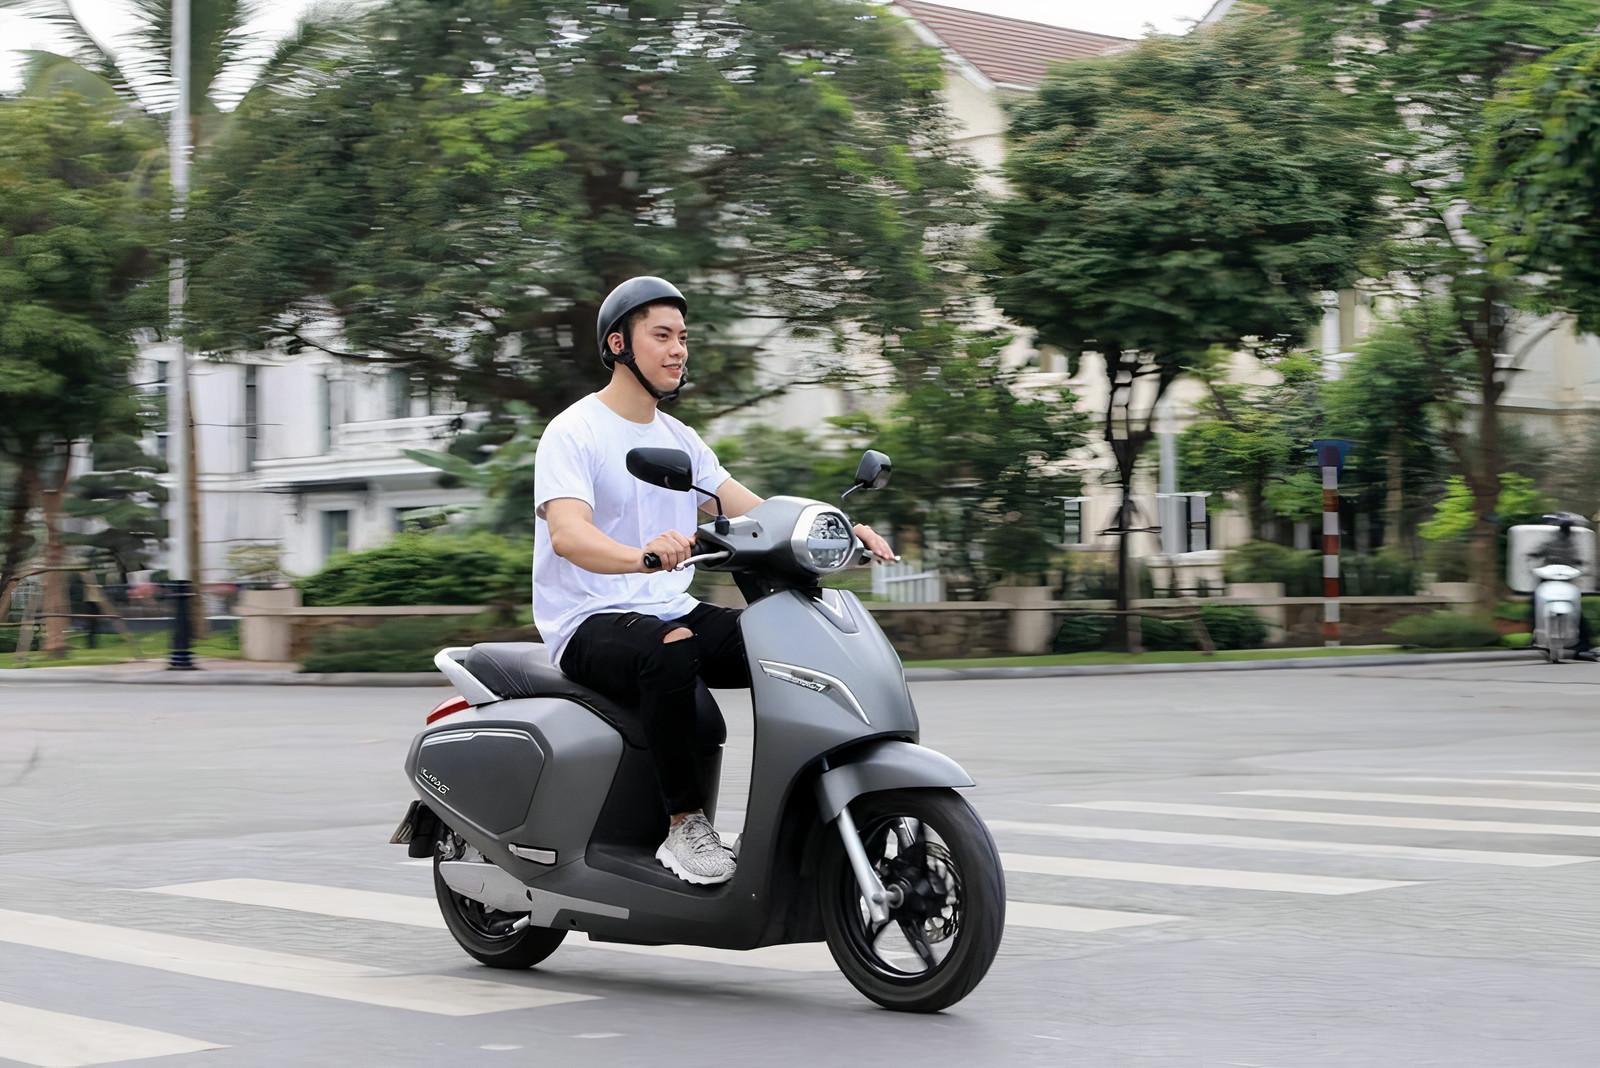 Duy trì tốc độ vừa phải giúp tăng độ bền khi sử dụng xe máy điện VinFast (Nguồn cdn.reatimes.vn)